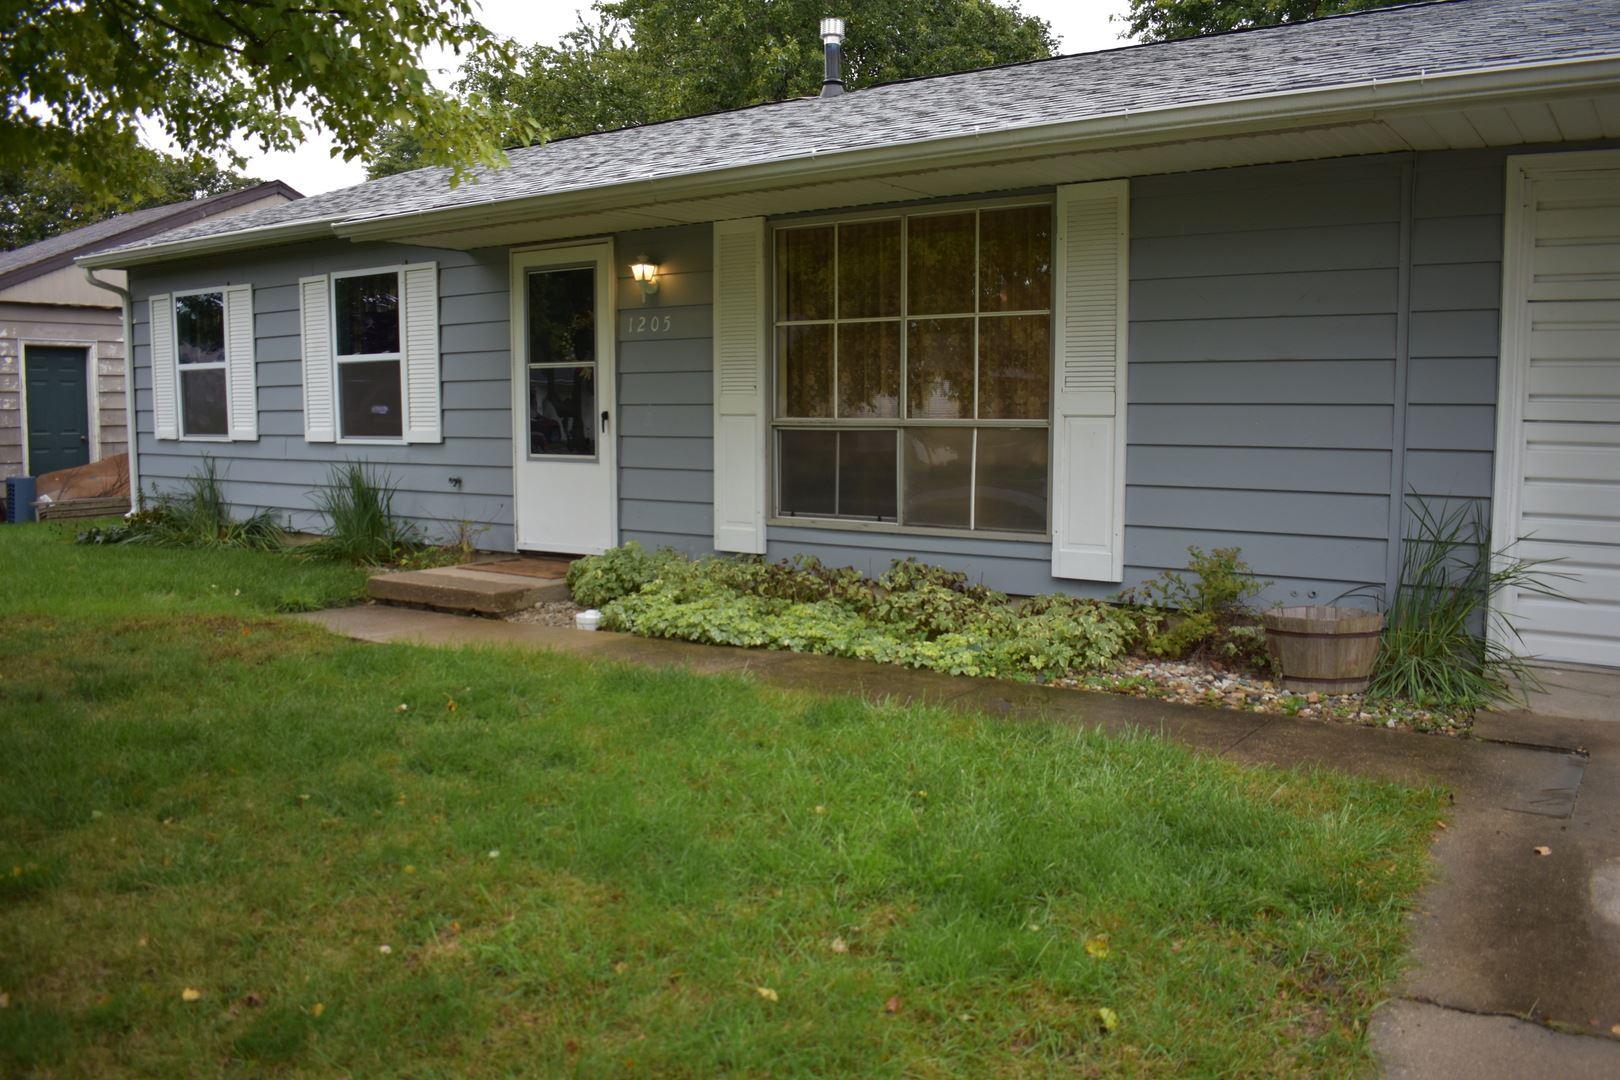 1205 N Nixon Drive, Pontiac, IL 61764 - #: 11247679